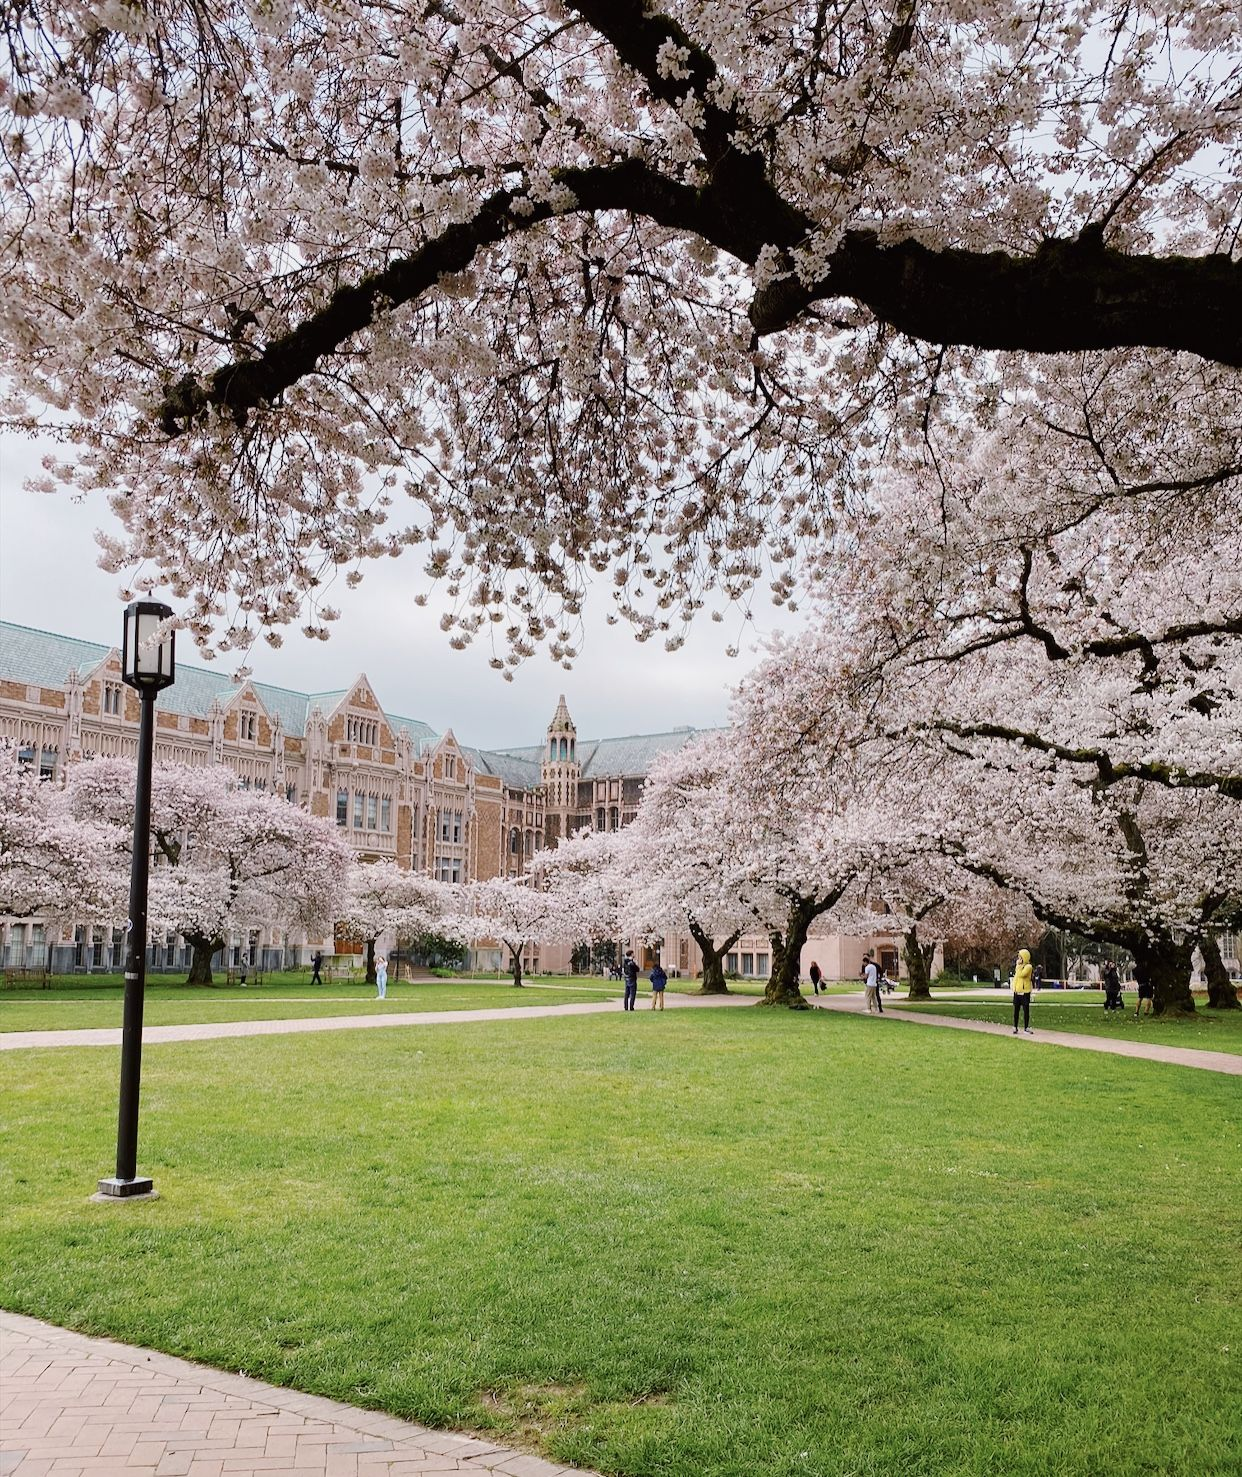 Uw Cherry Blossoms Cherry Blossom Tree Cherry Blossom Blossom Trees